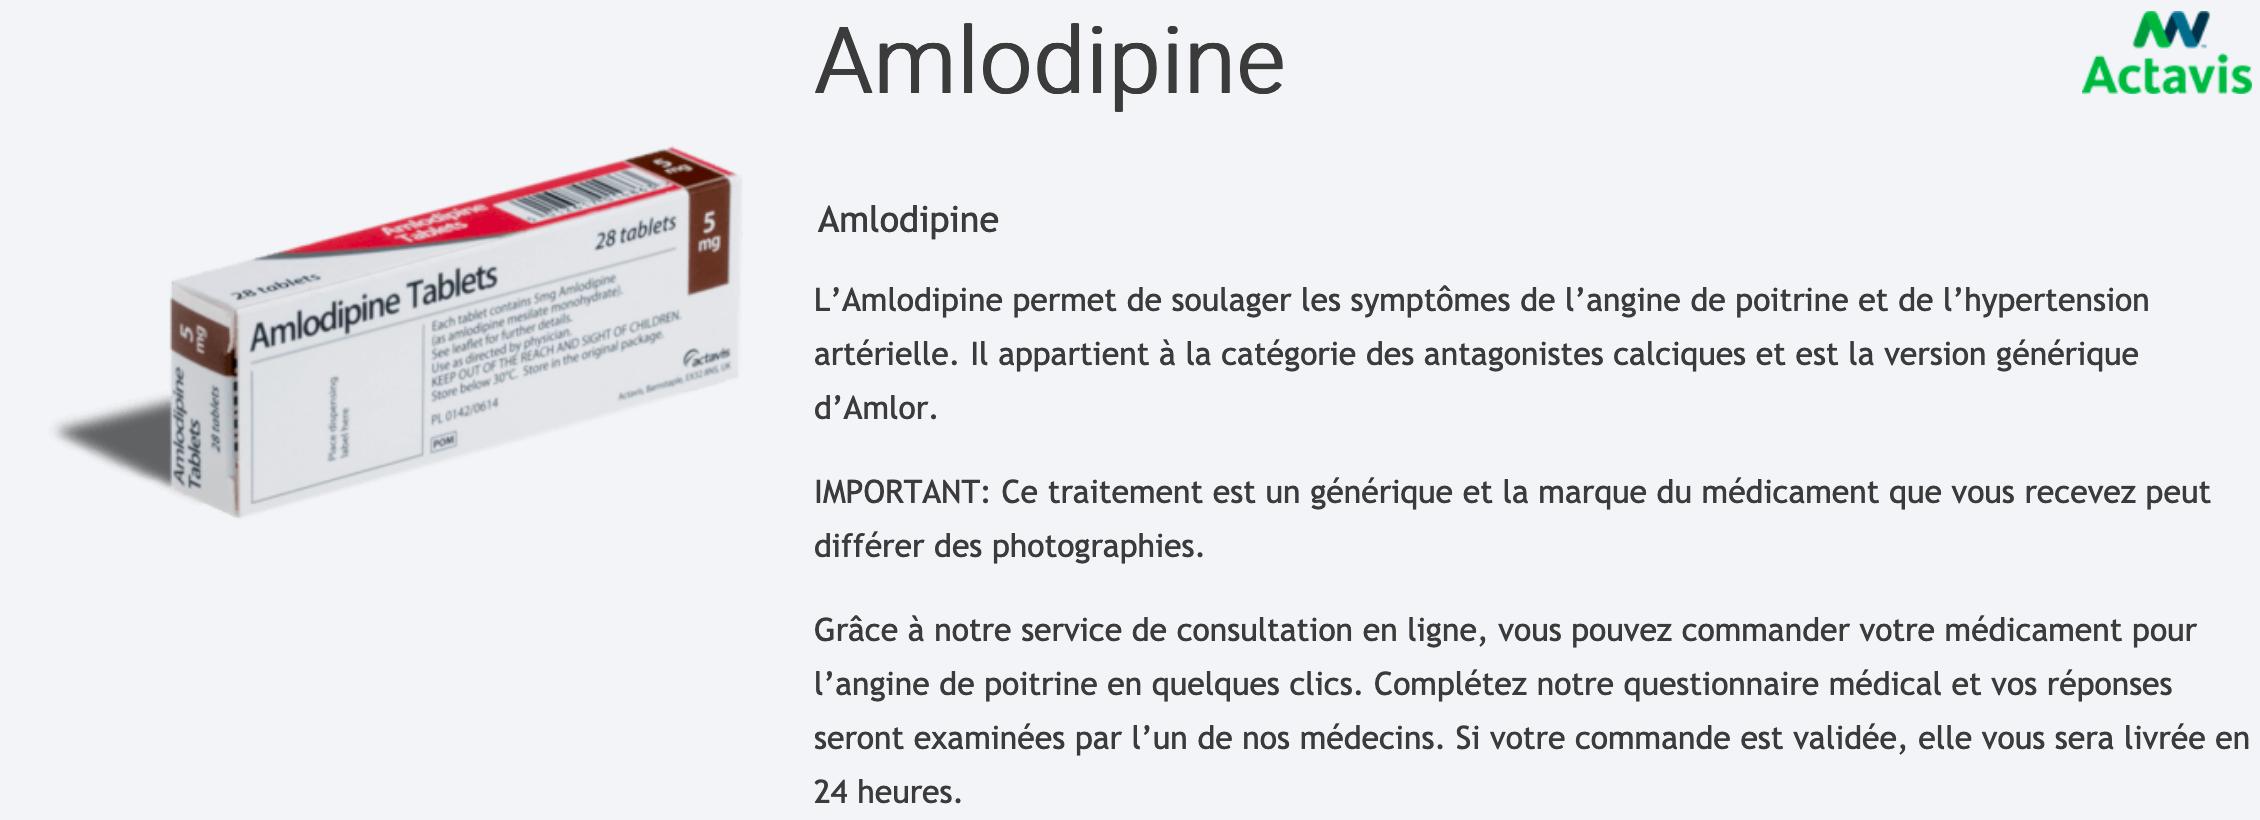 almopidine